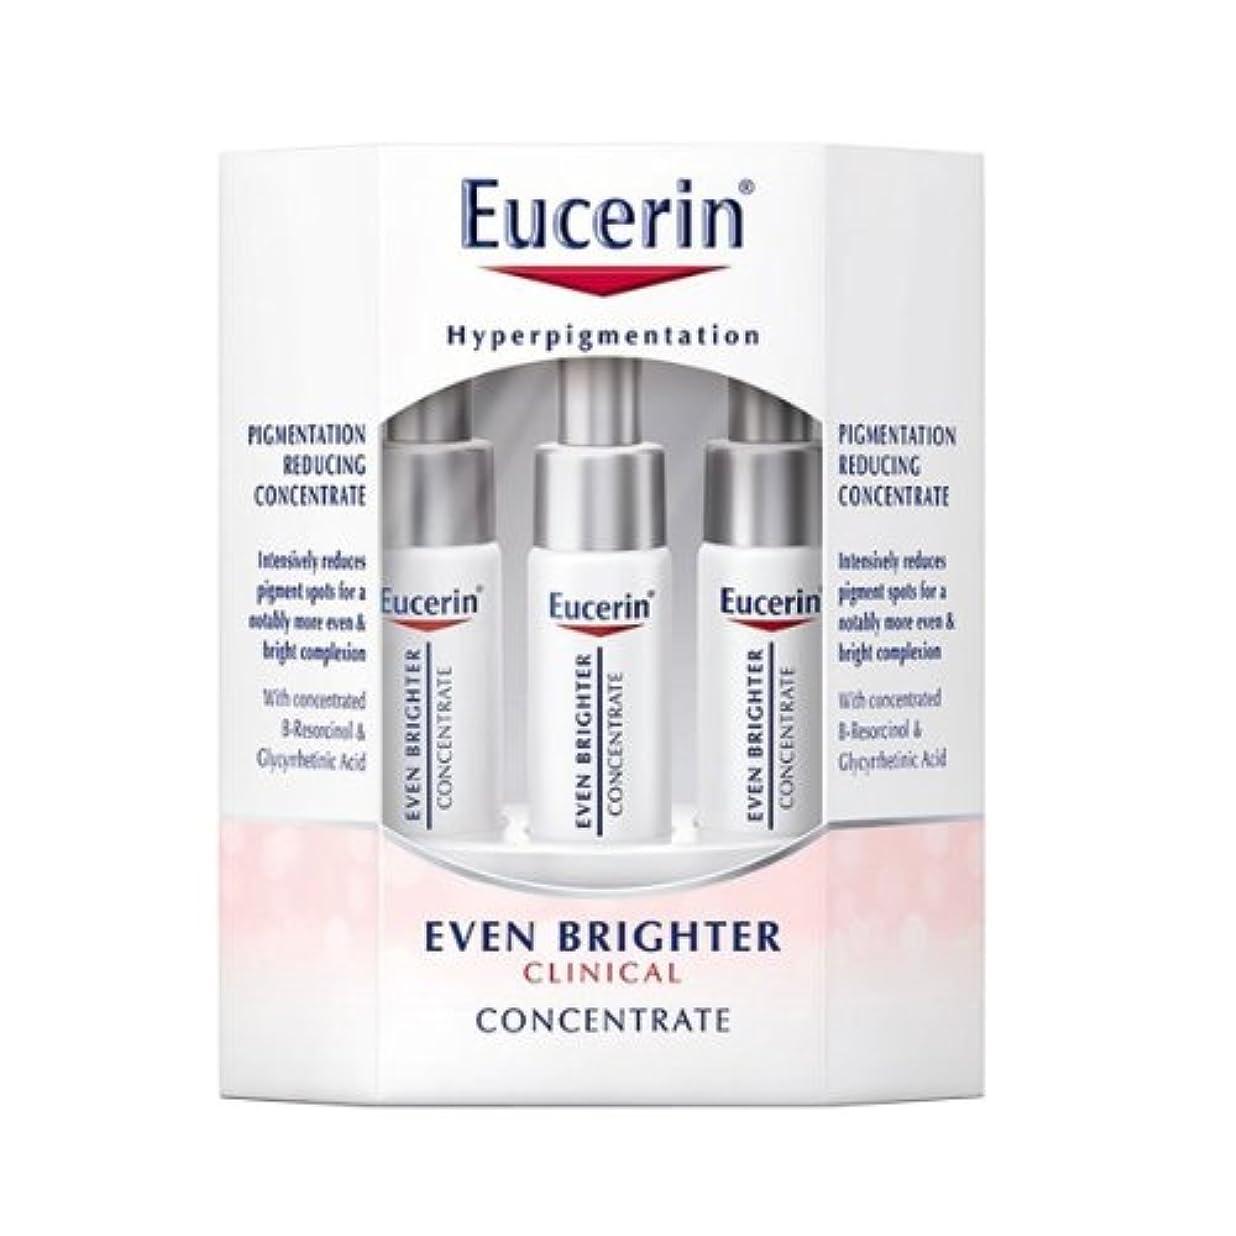 Eucerin Even Brighter Concentrate 6x5ml [並行輸入品]